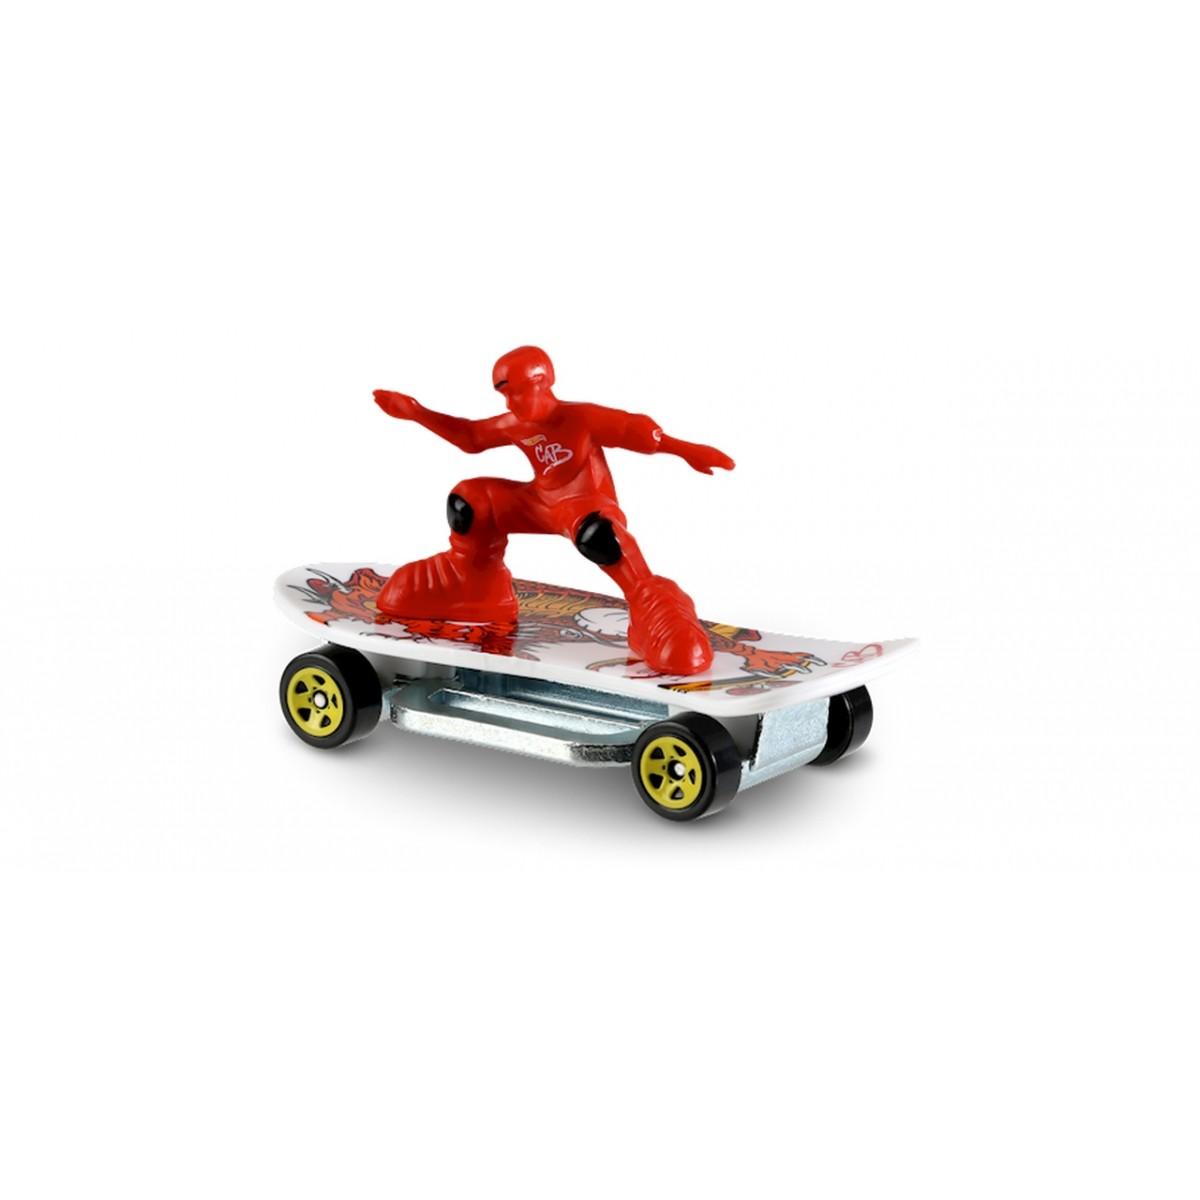 Carrinho Hot Wheels: Skate Brigade Branco e Vermelho